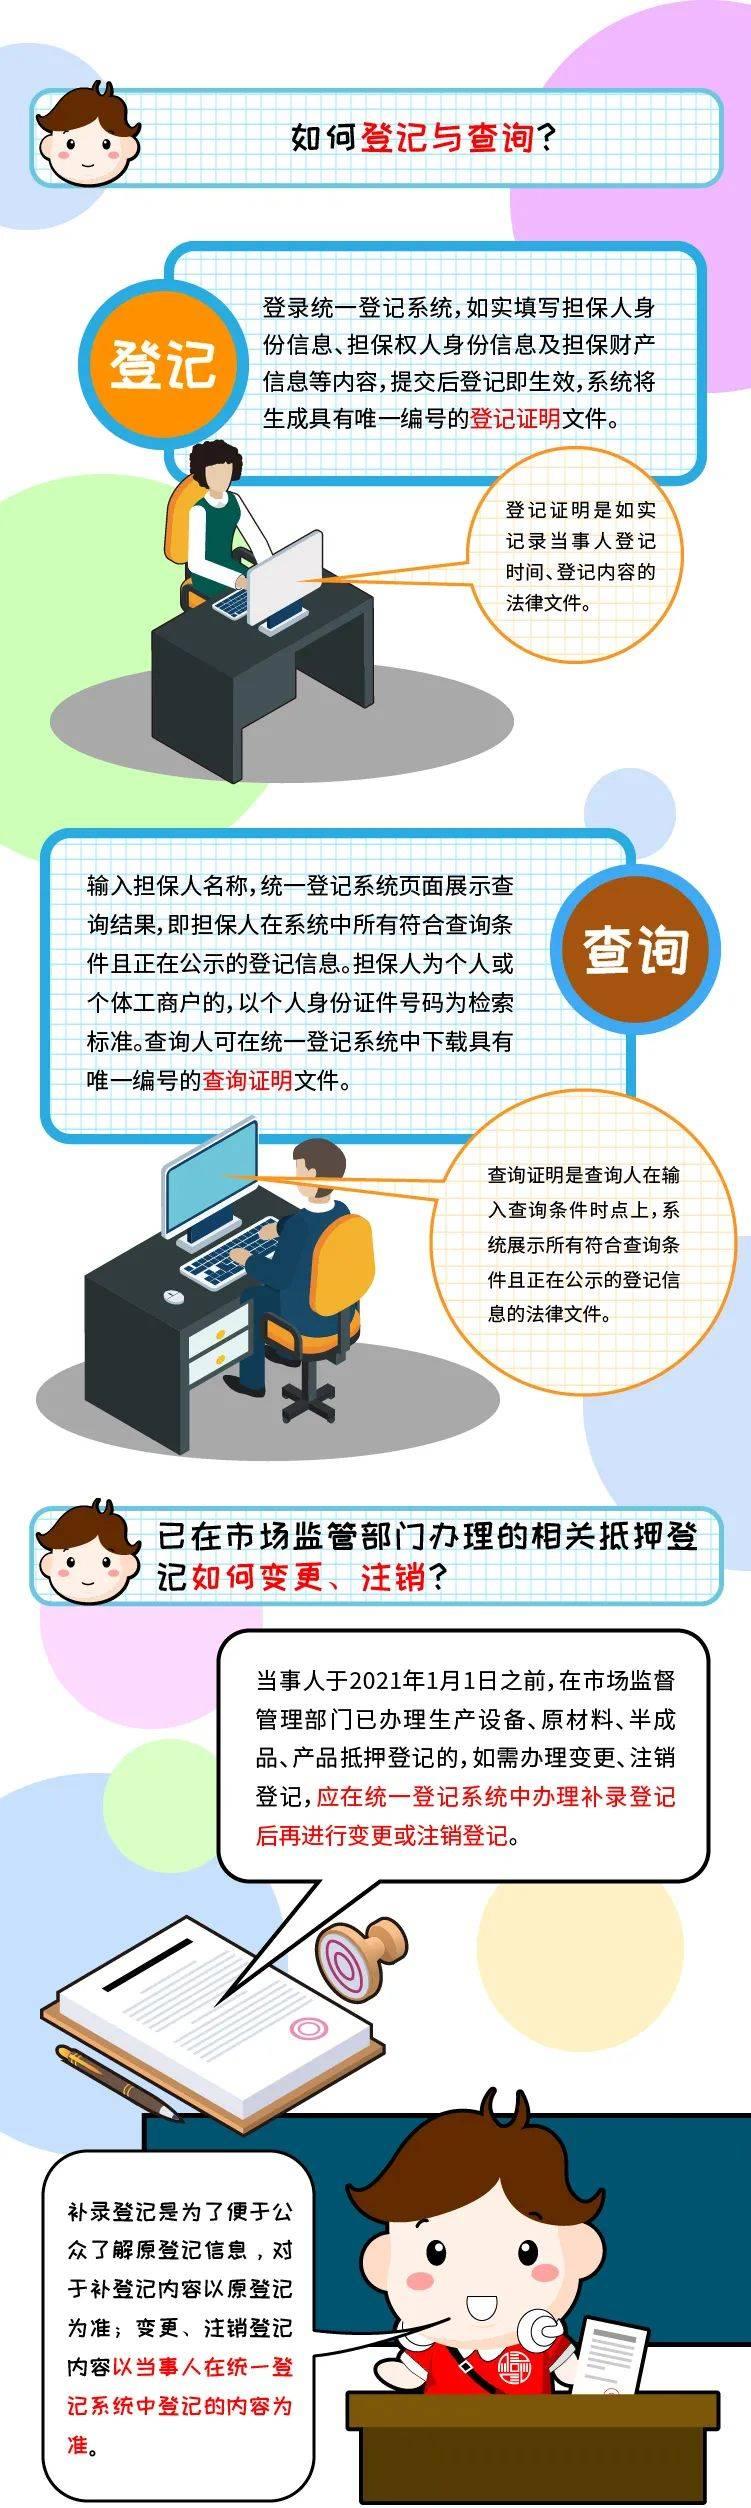 中国人民银行、市场监管总局:1月1日起实施动产和权利担保统一登记